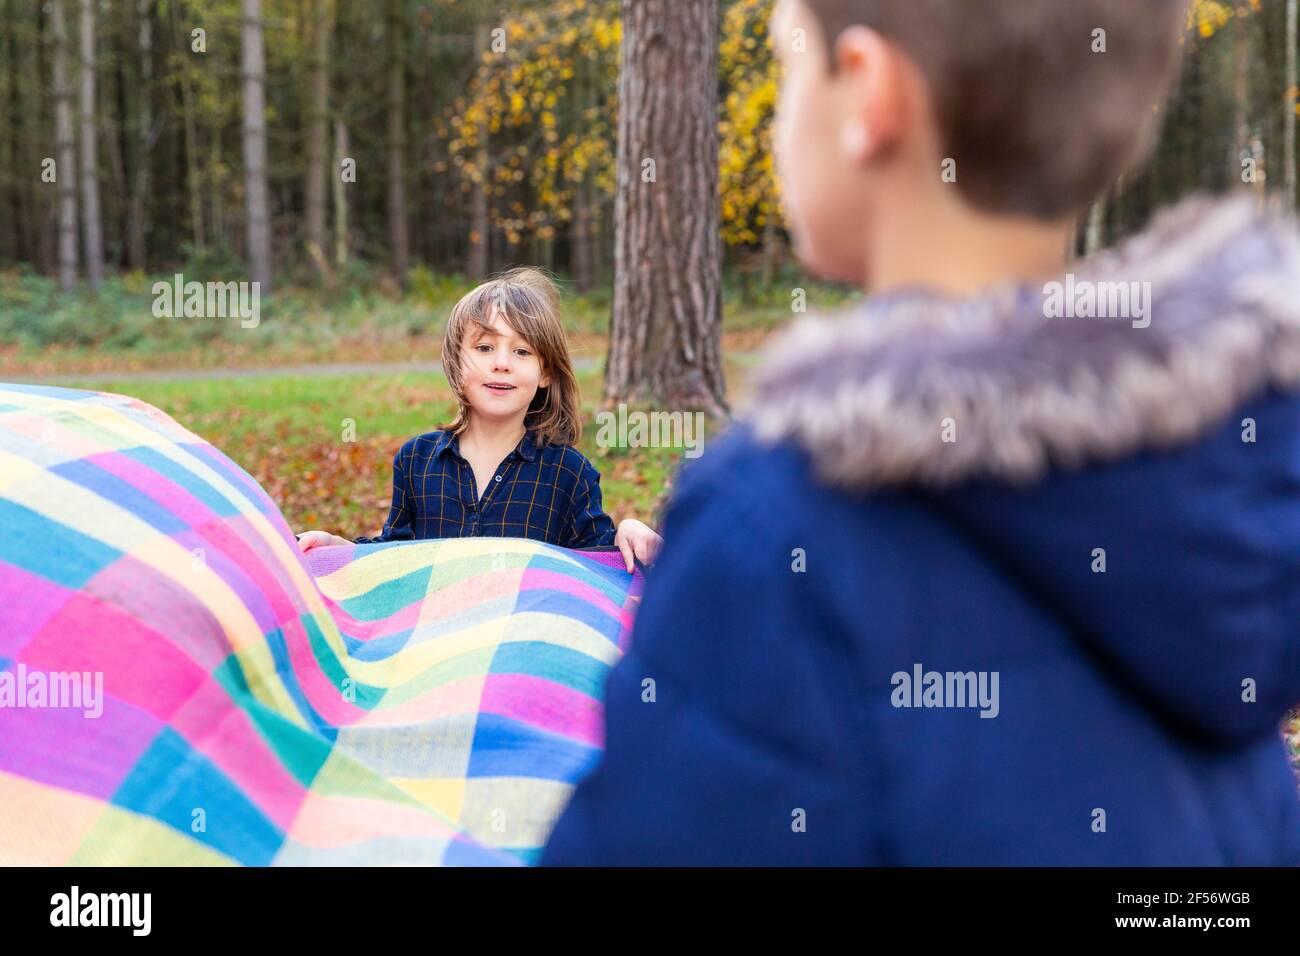 Jolie couverture de holing de fille tout en faisant la préparation de pique-nique avec frère en forêt Banque D'Images